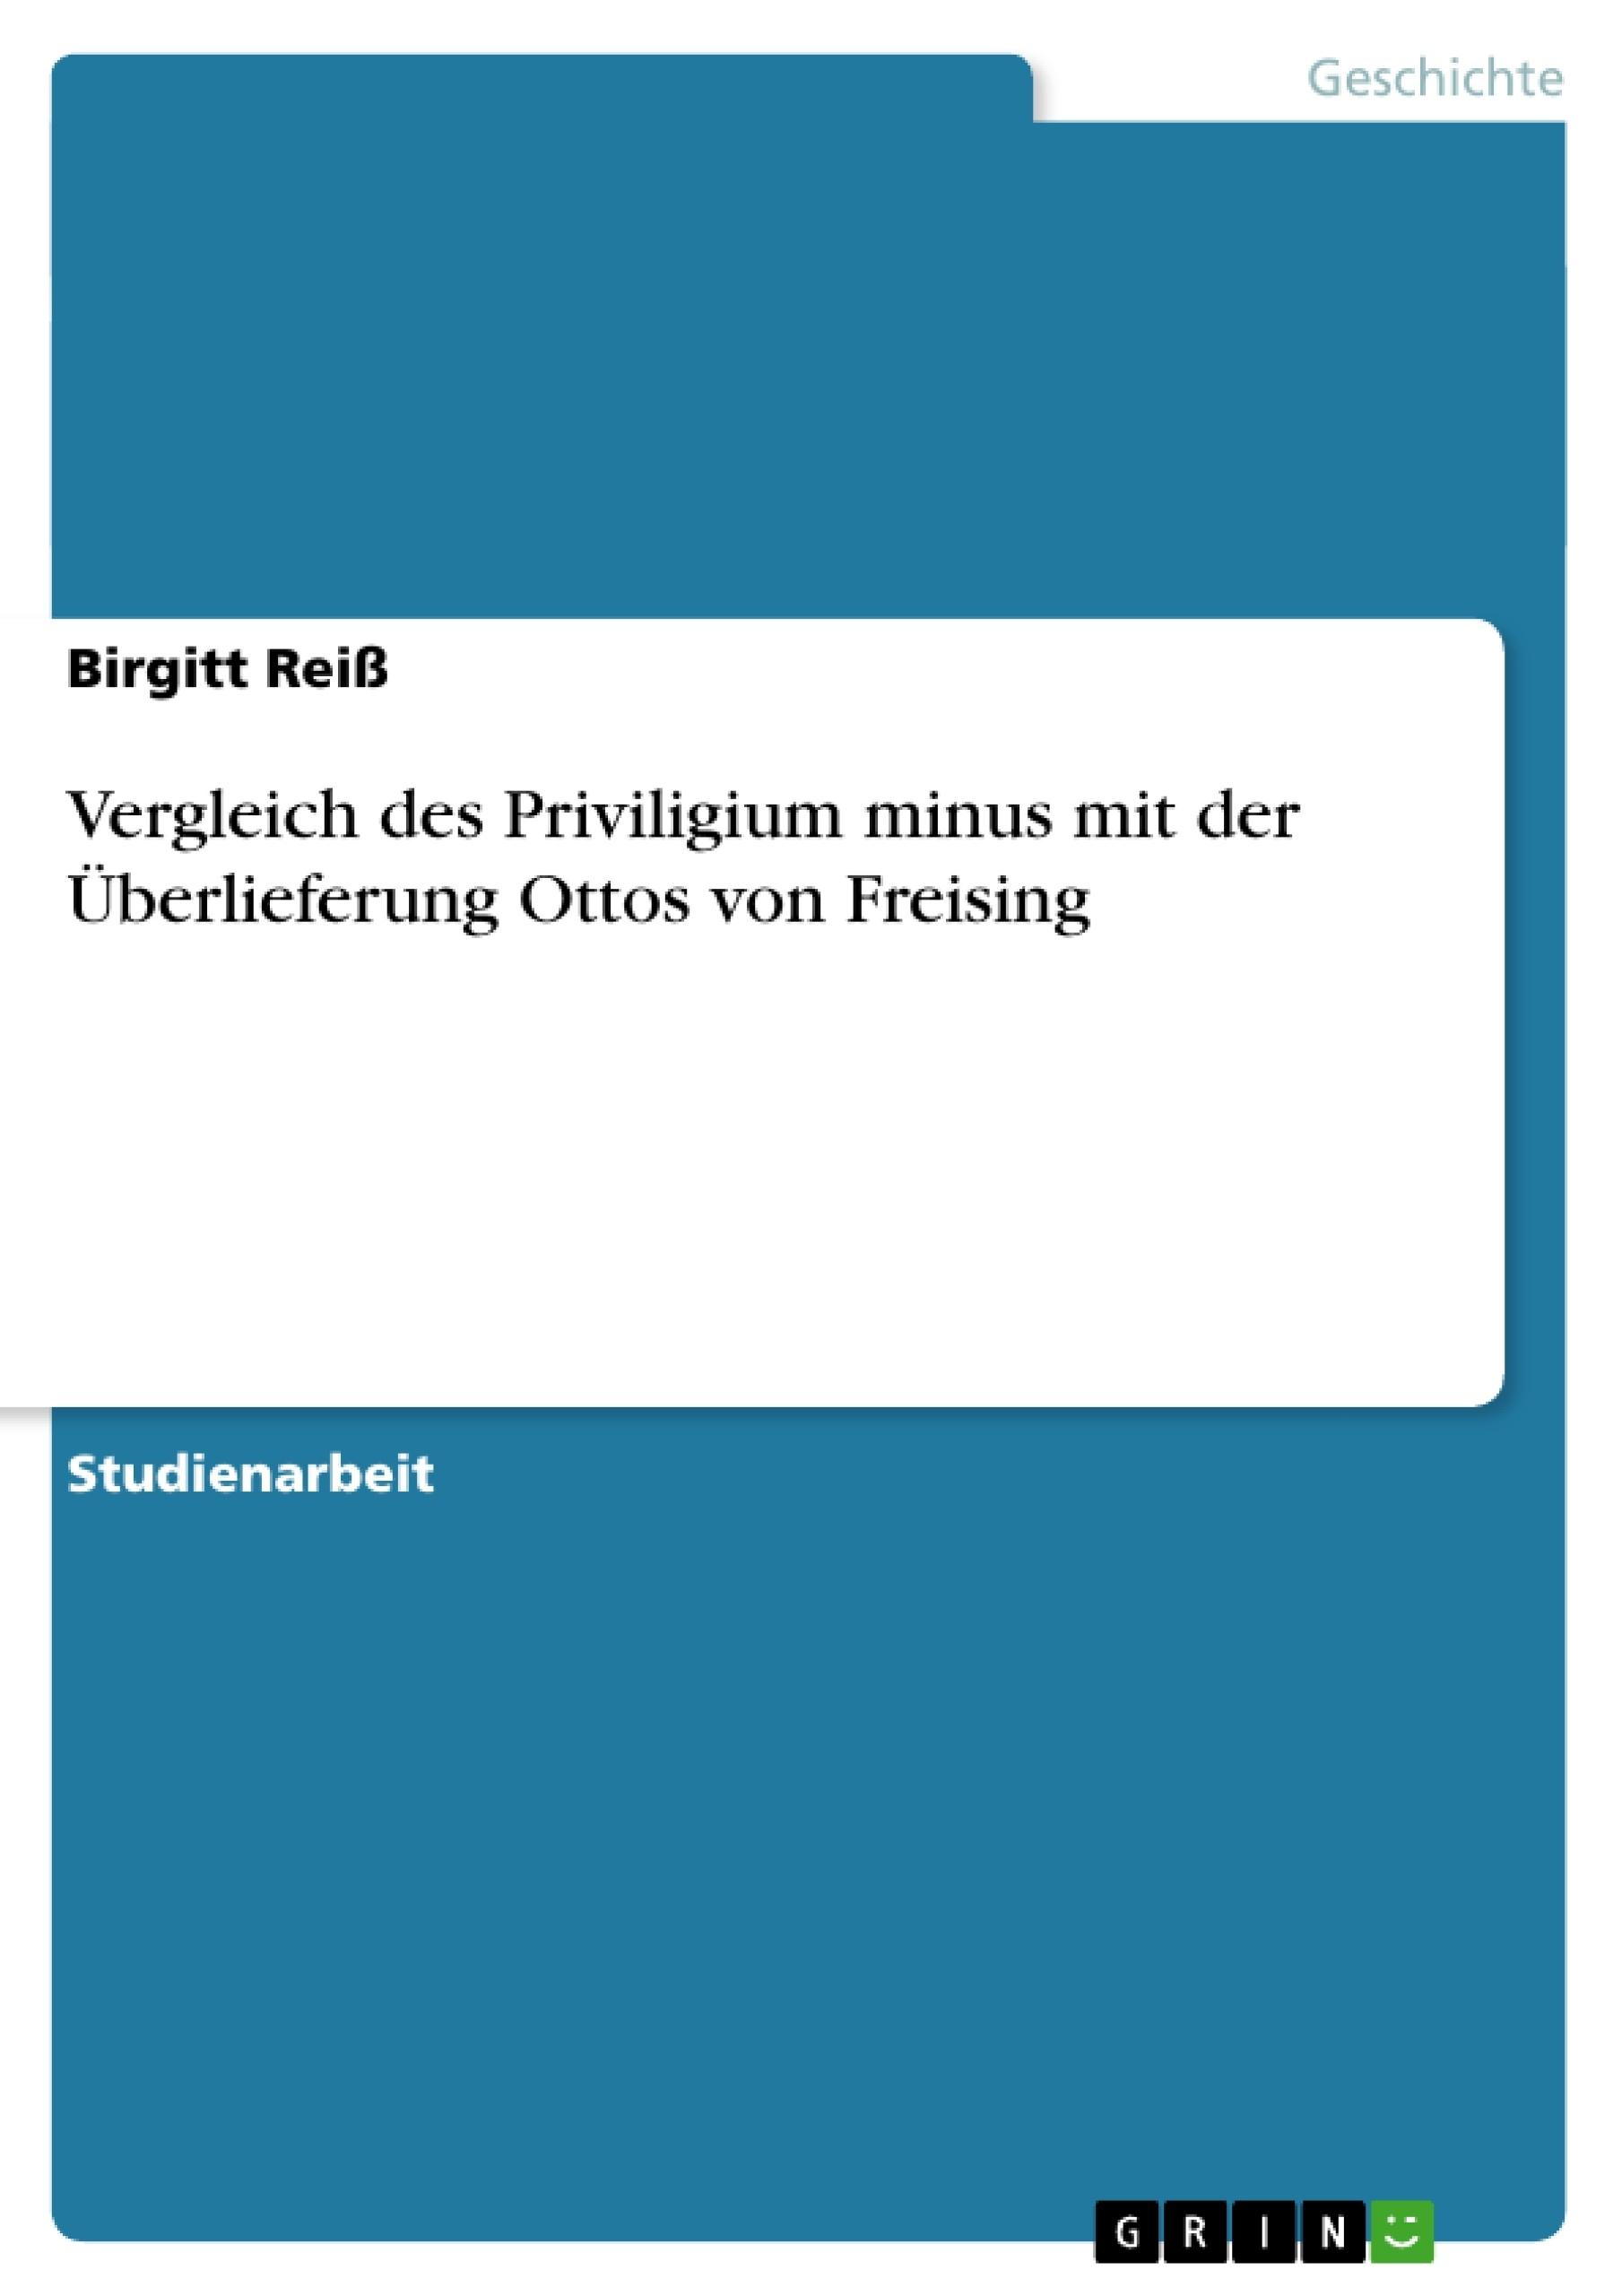 Titel: Vergleich des Priviligium minus mit der Überlieferung Ottos von Freising